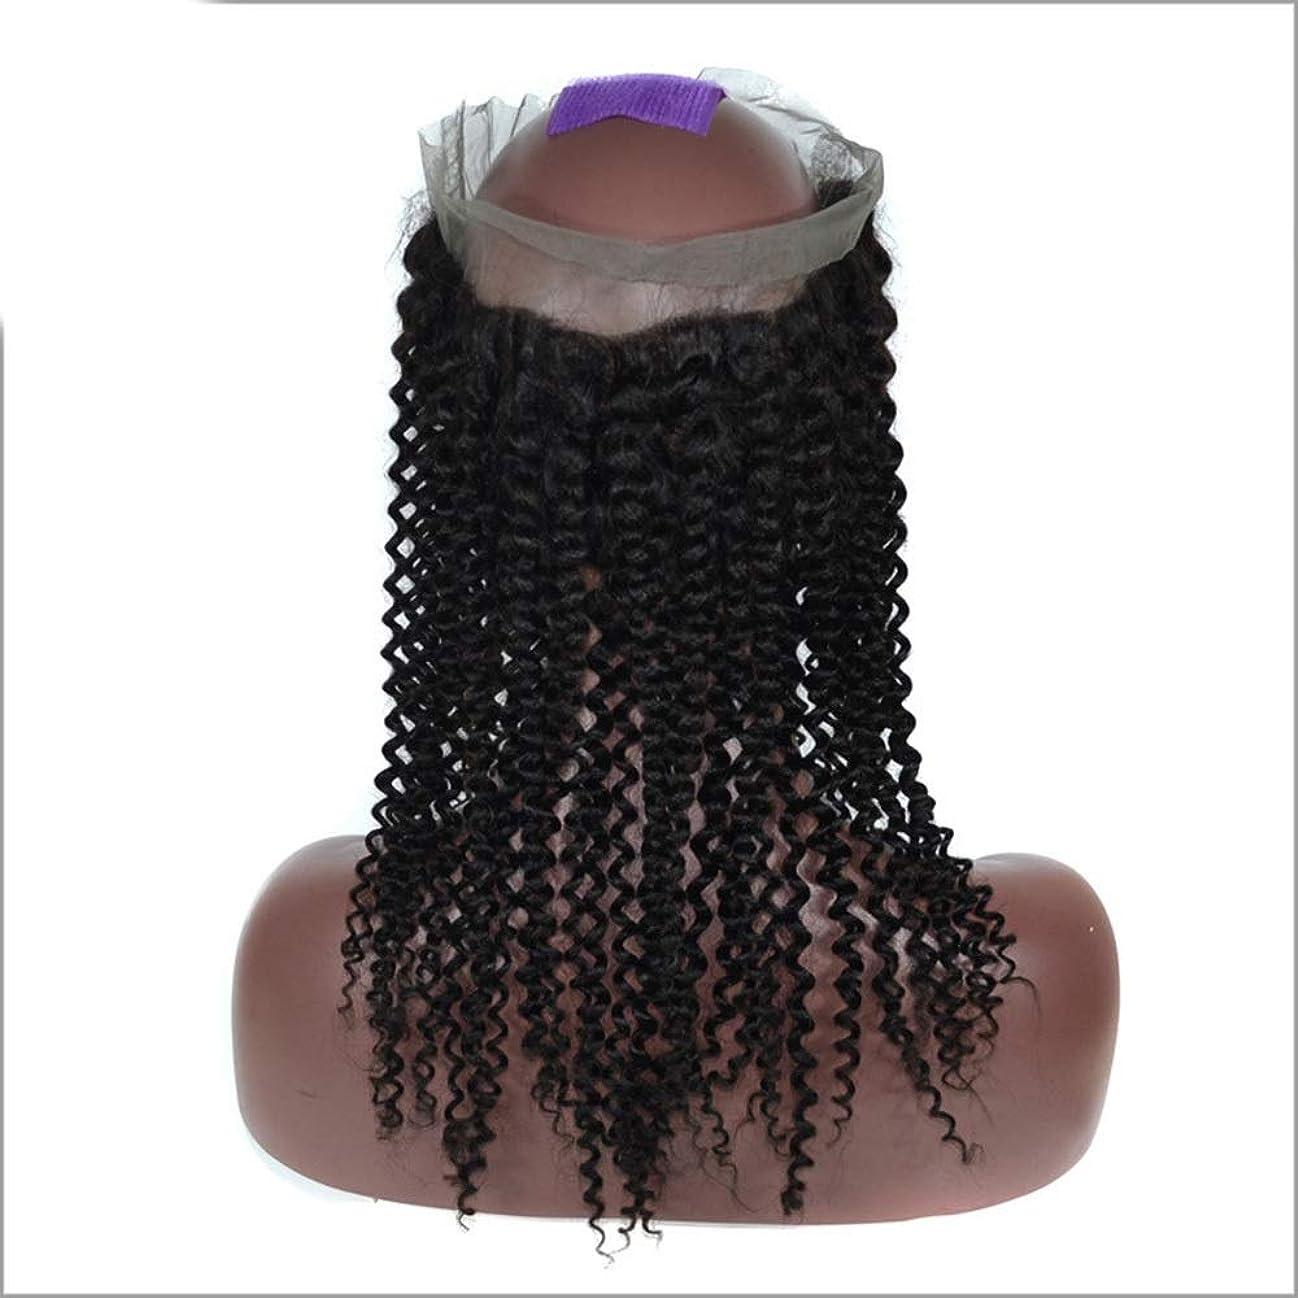 海里伝記休憩するBOBIDYEE 女性3/4ウィッグハーフ - 変態カールウェーブ - ナチュラルカラー 本物の人間の髪の毛 - クリップのヘアピースエクステンションパーティーかつら (色 : 黒, サイズ : 14 inch)